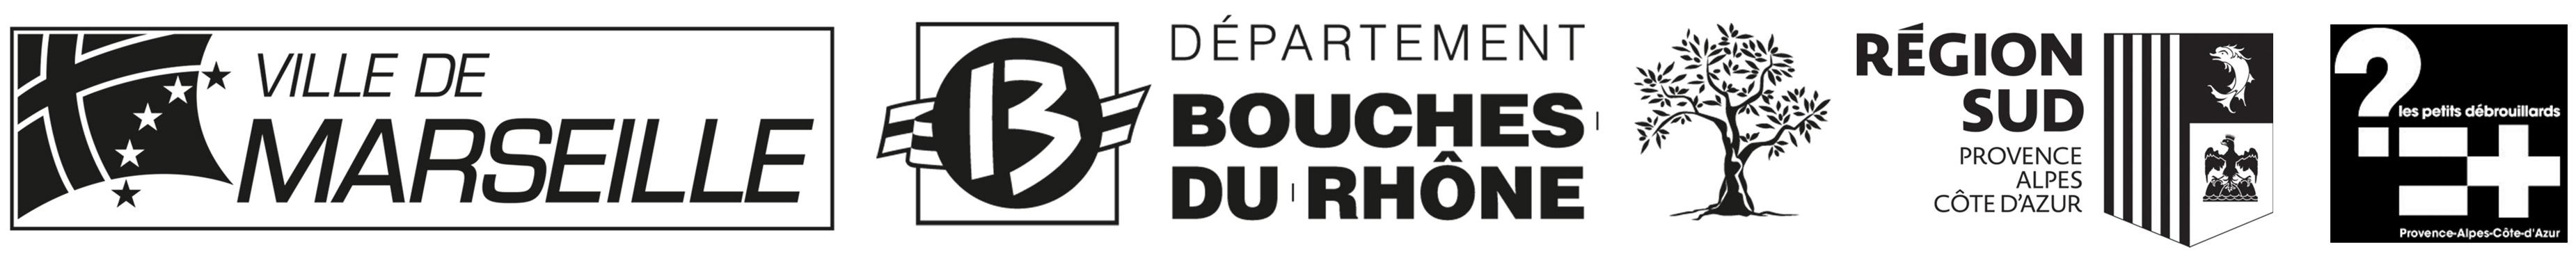 institution partenaires theatre badaboum marseille